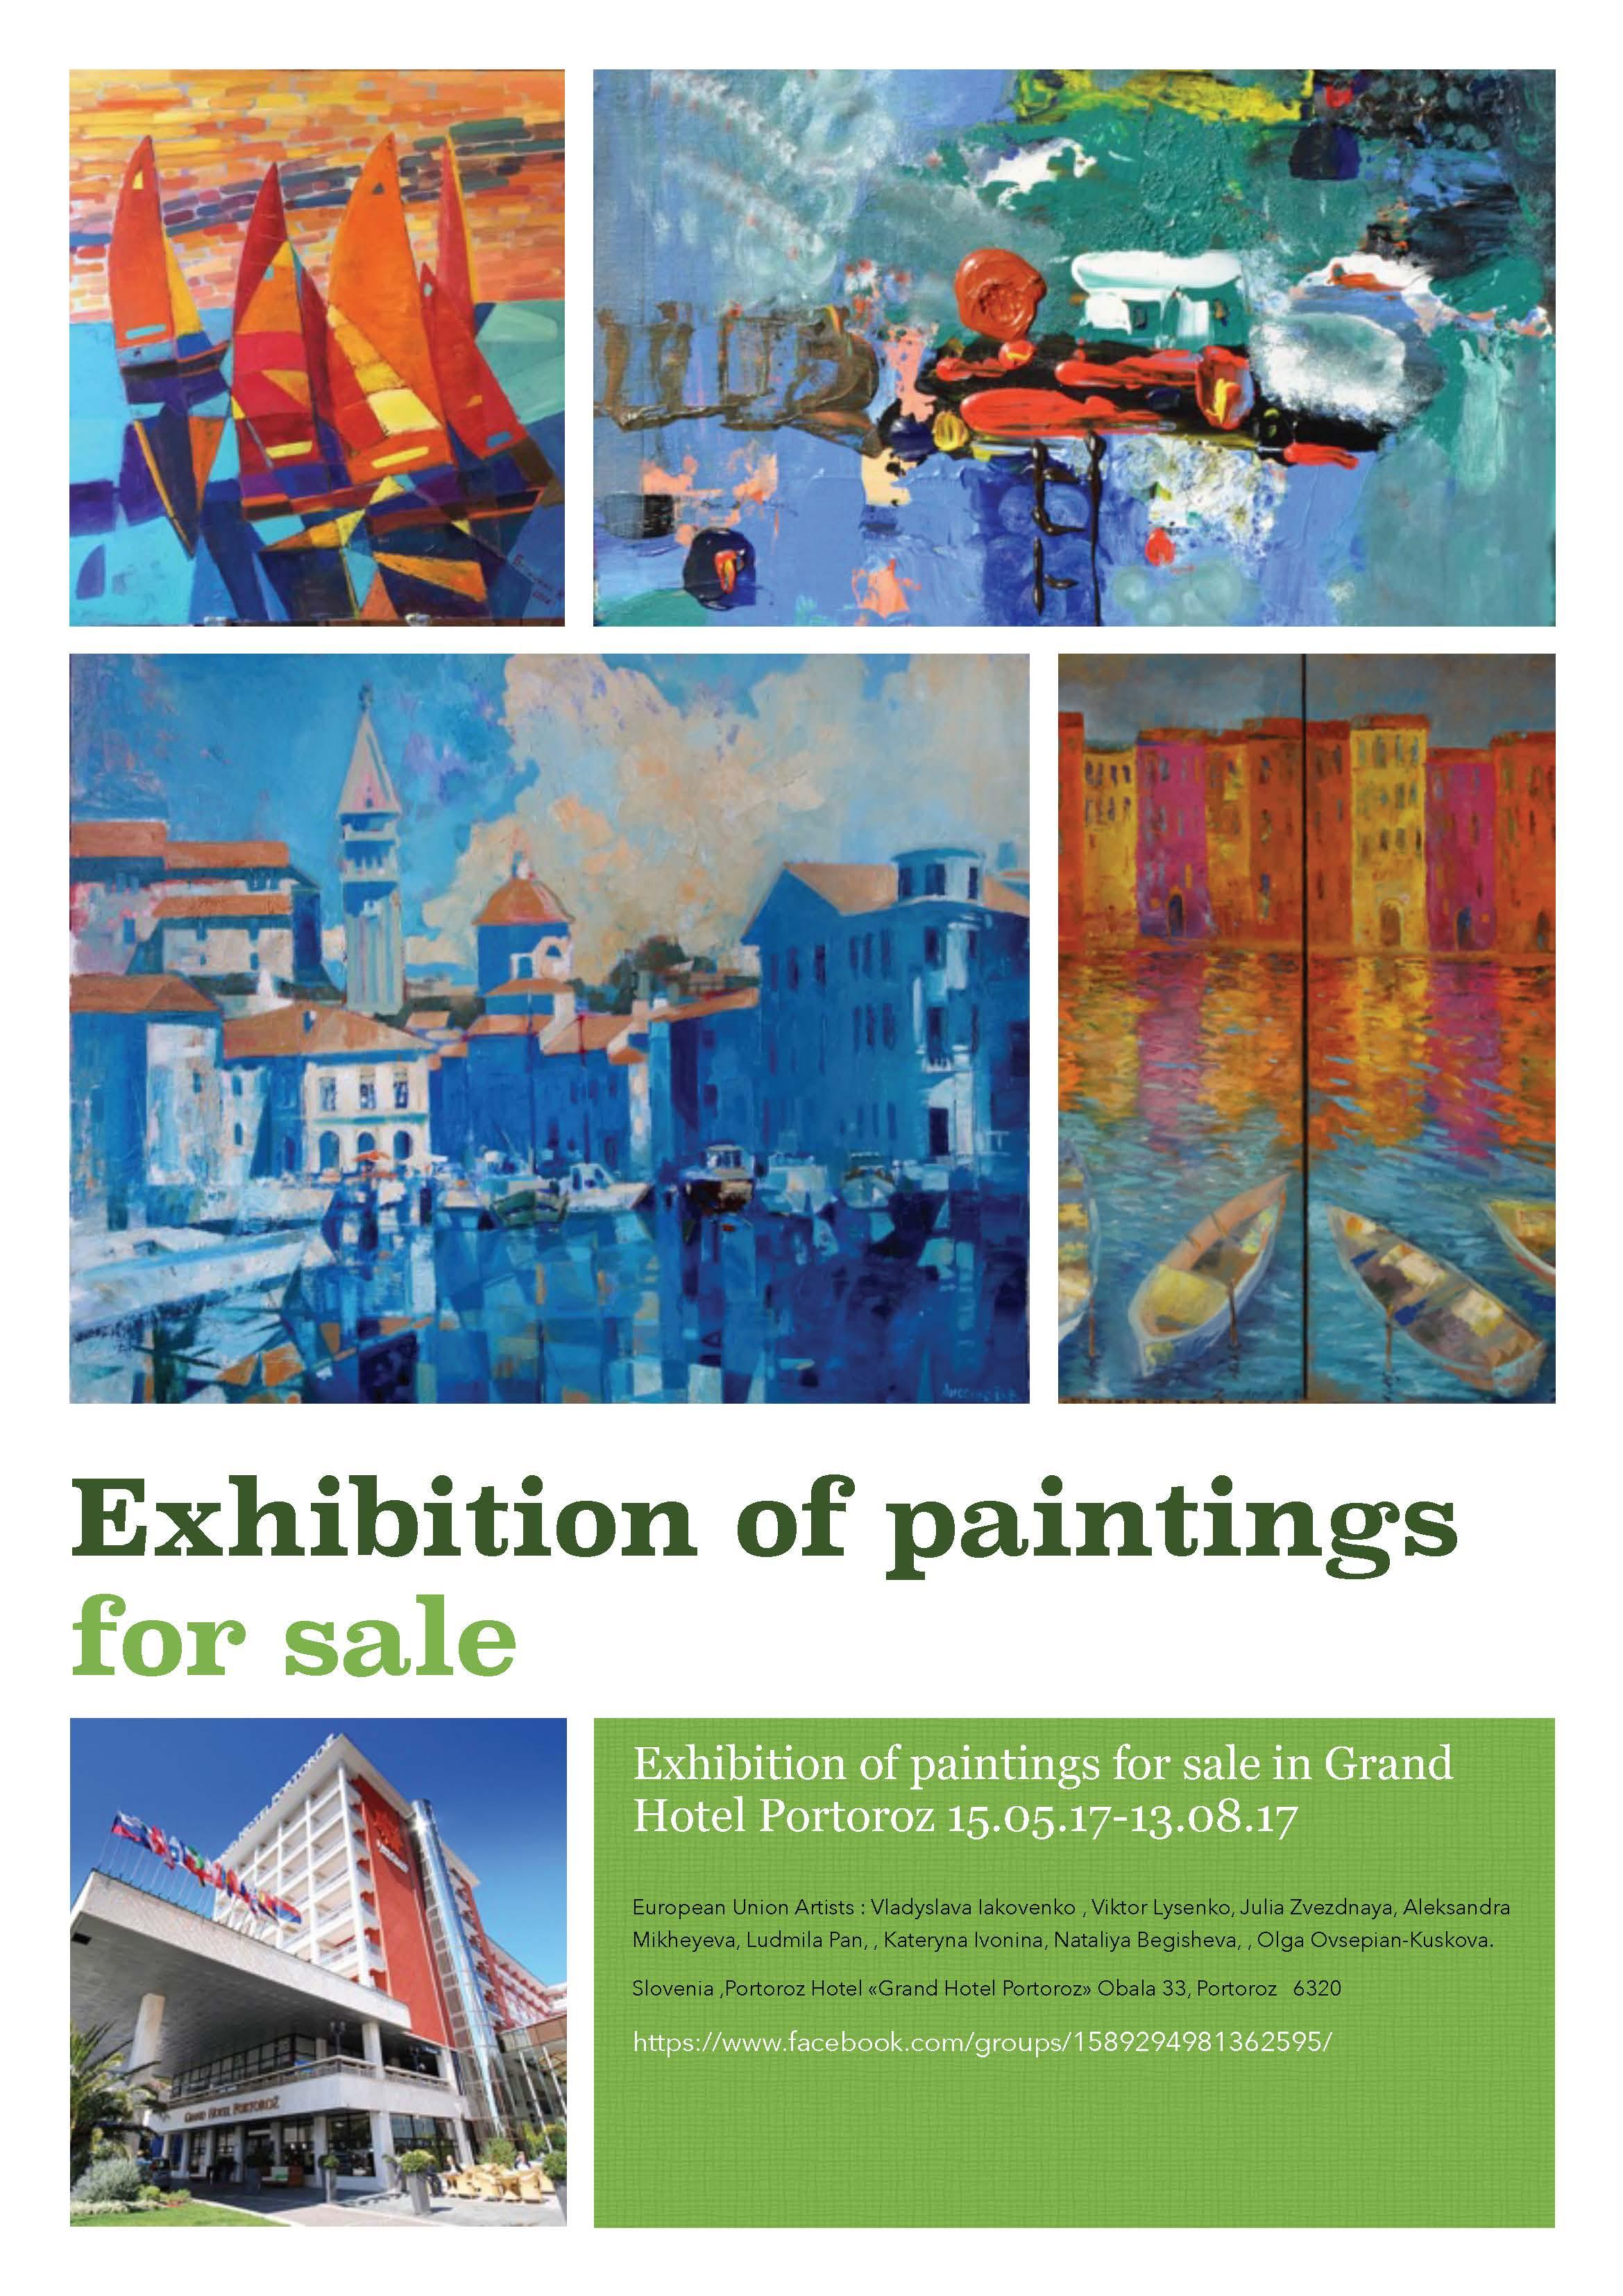 exhibition in Slovenia, Portoroz